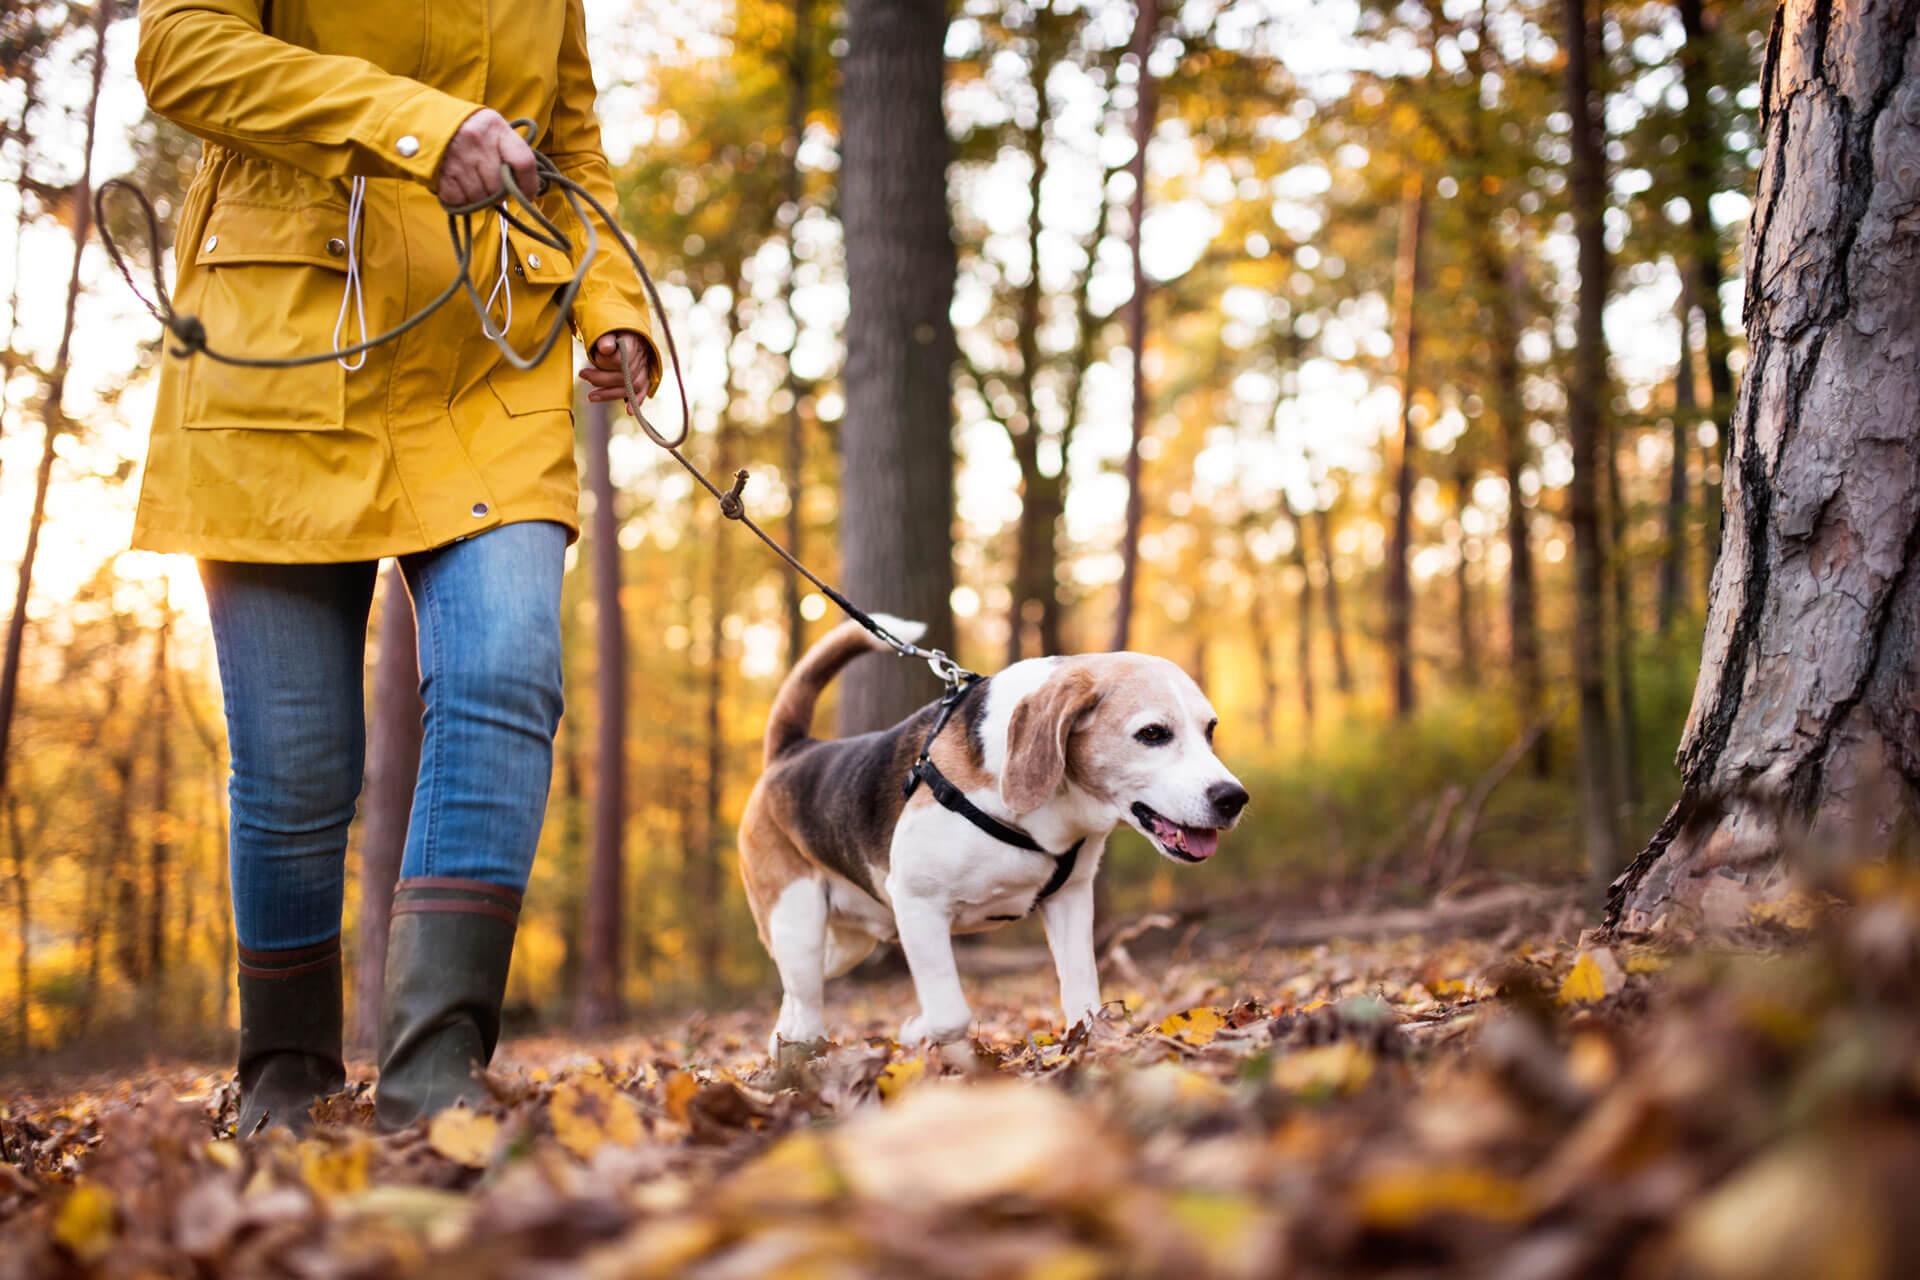 Quante volte dovresti portare a spasso il cane?